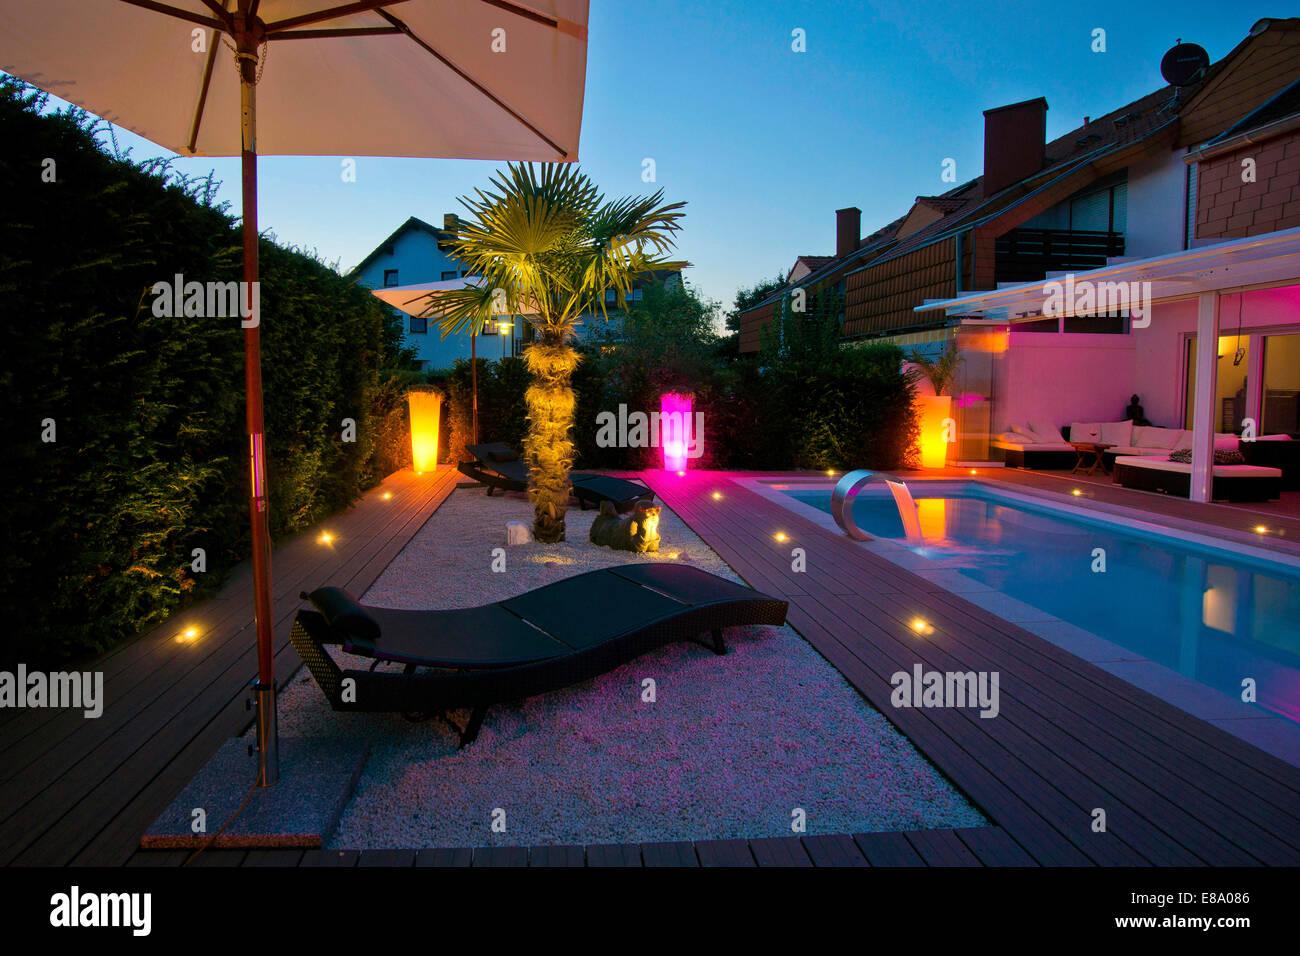 Giardino privato con piscina di una terrazza e di un albero di